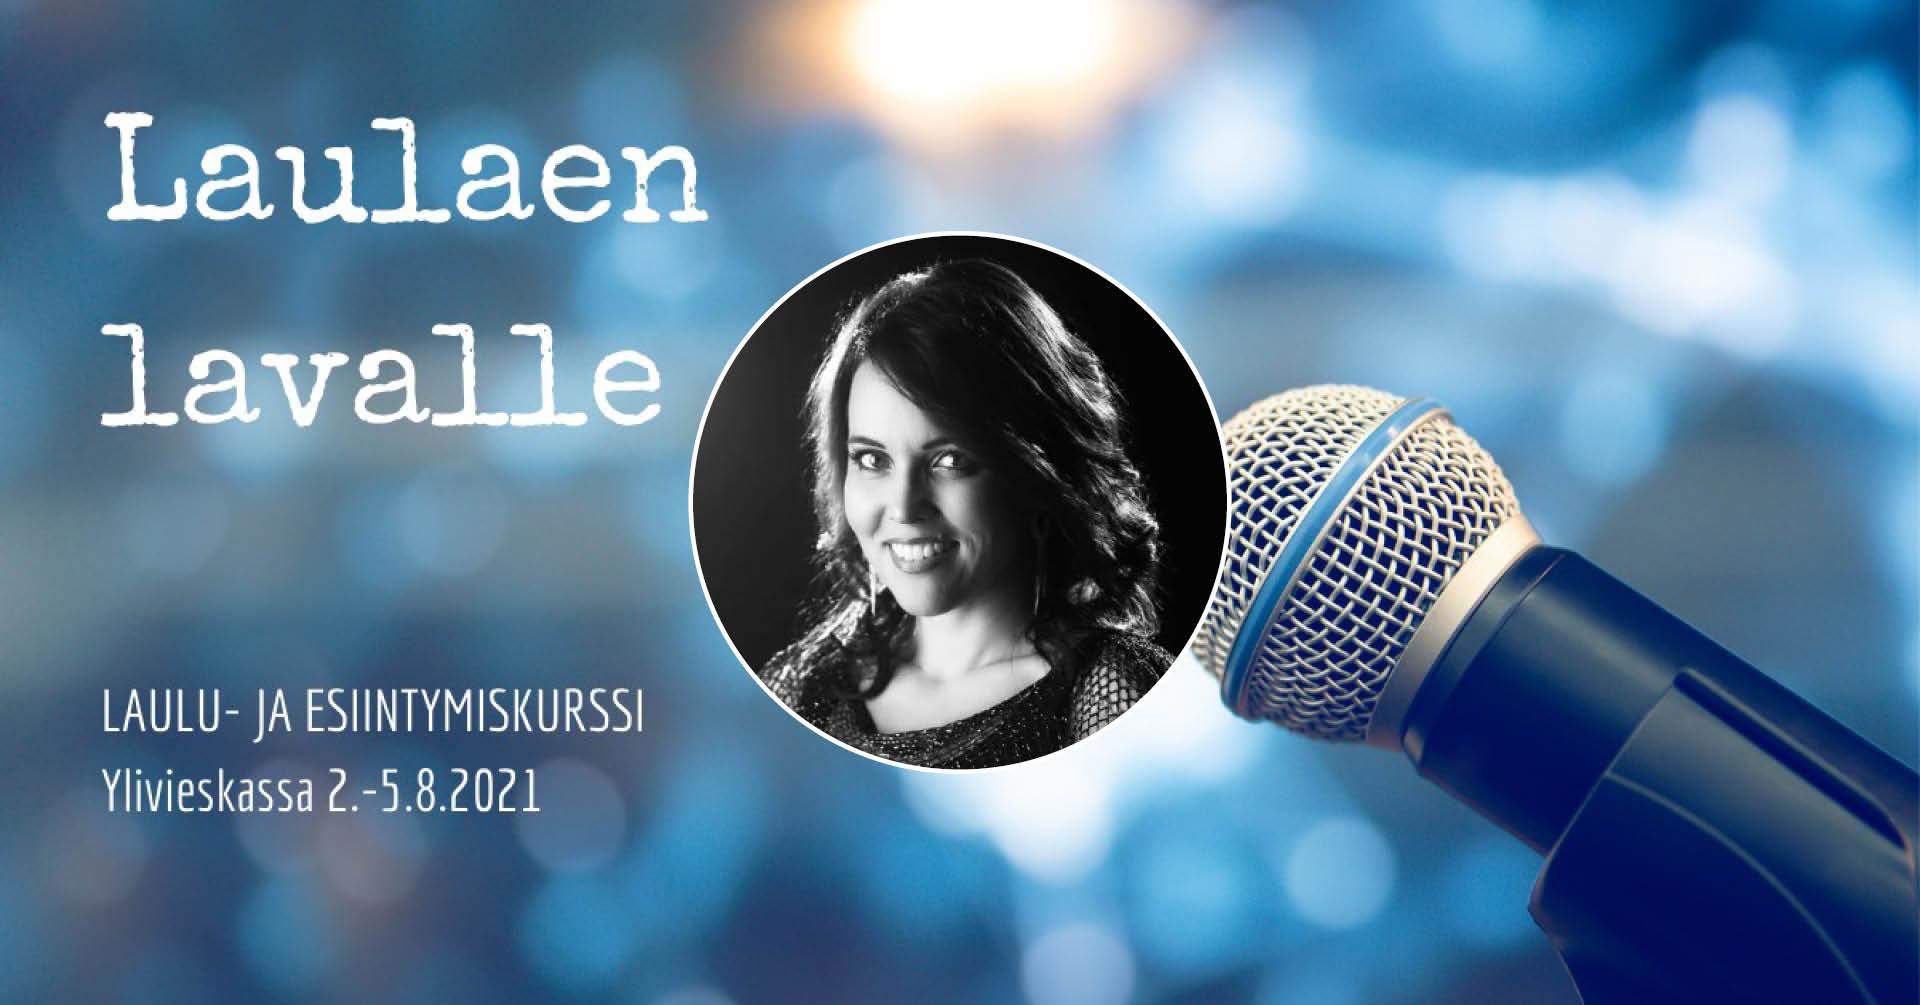 Lauluja Kesäiltaan - Laulaen Lavalle 2021 - kurssin päätöskonsertti